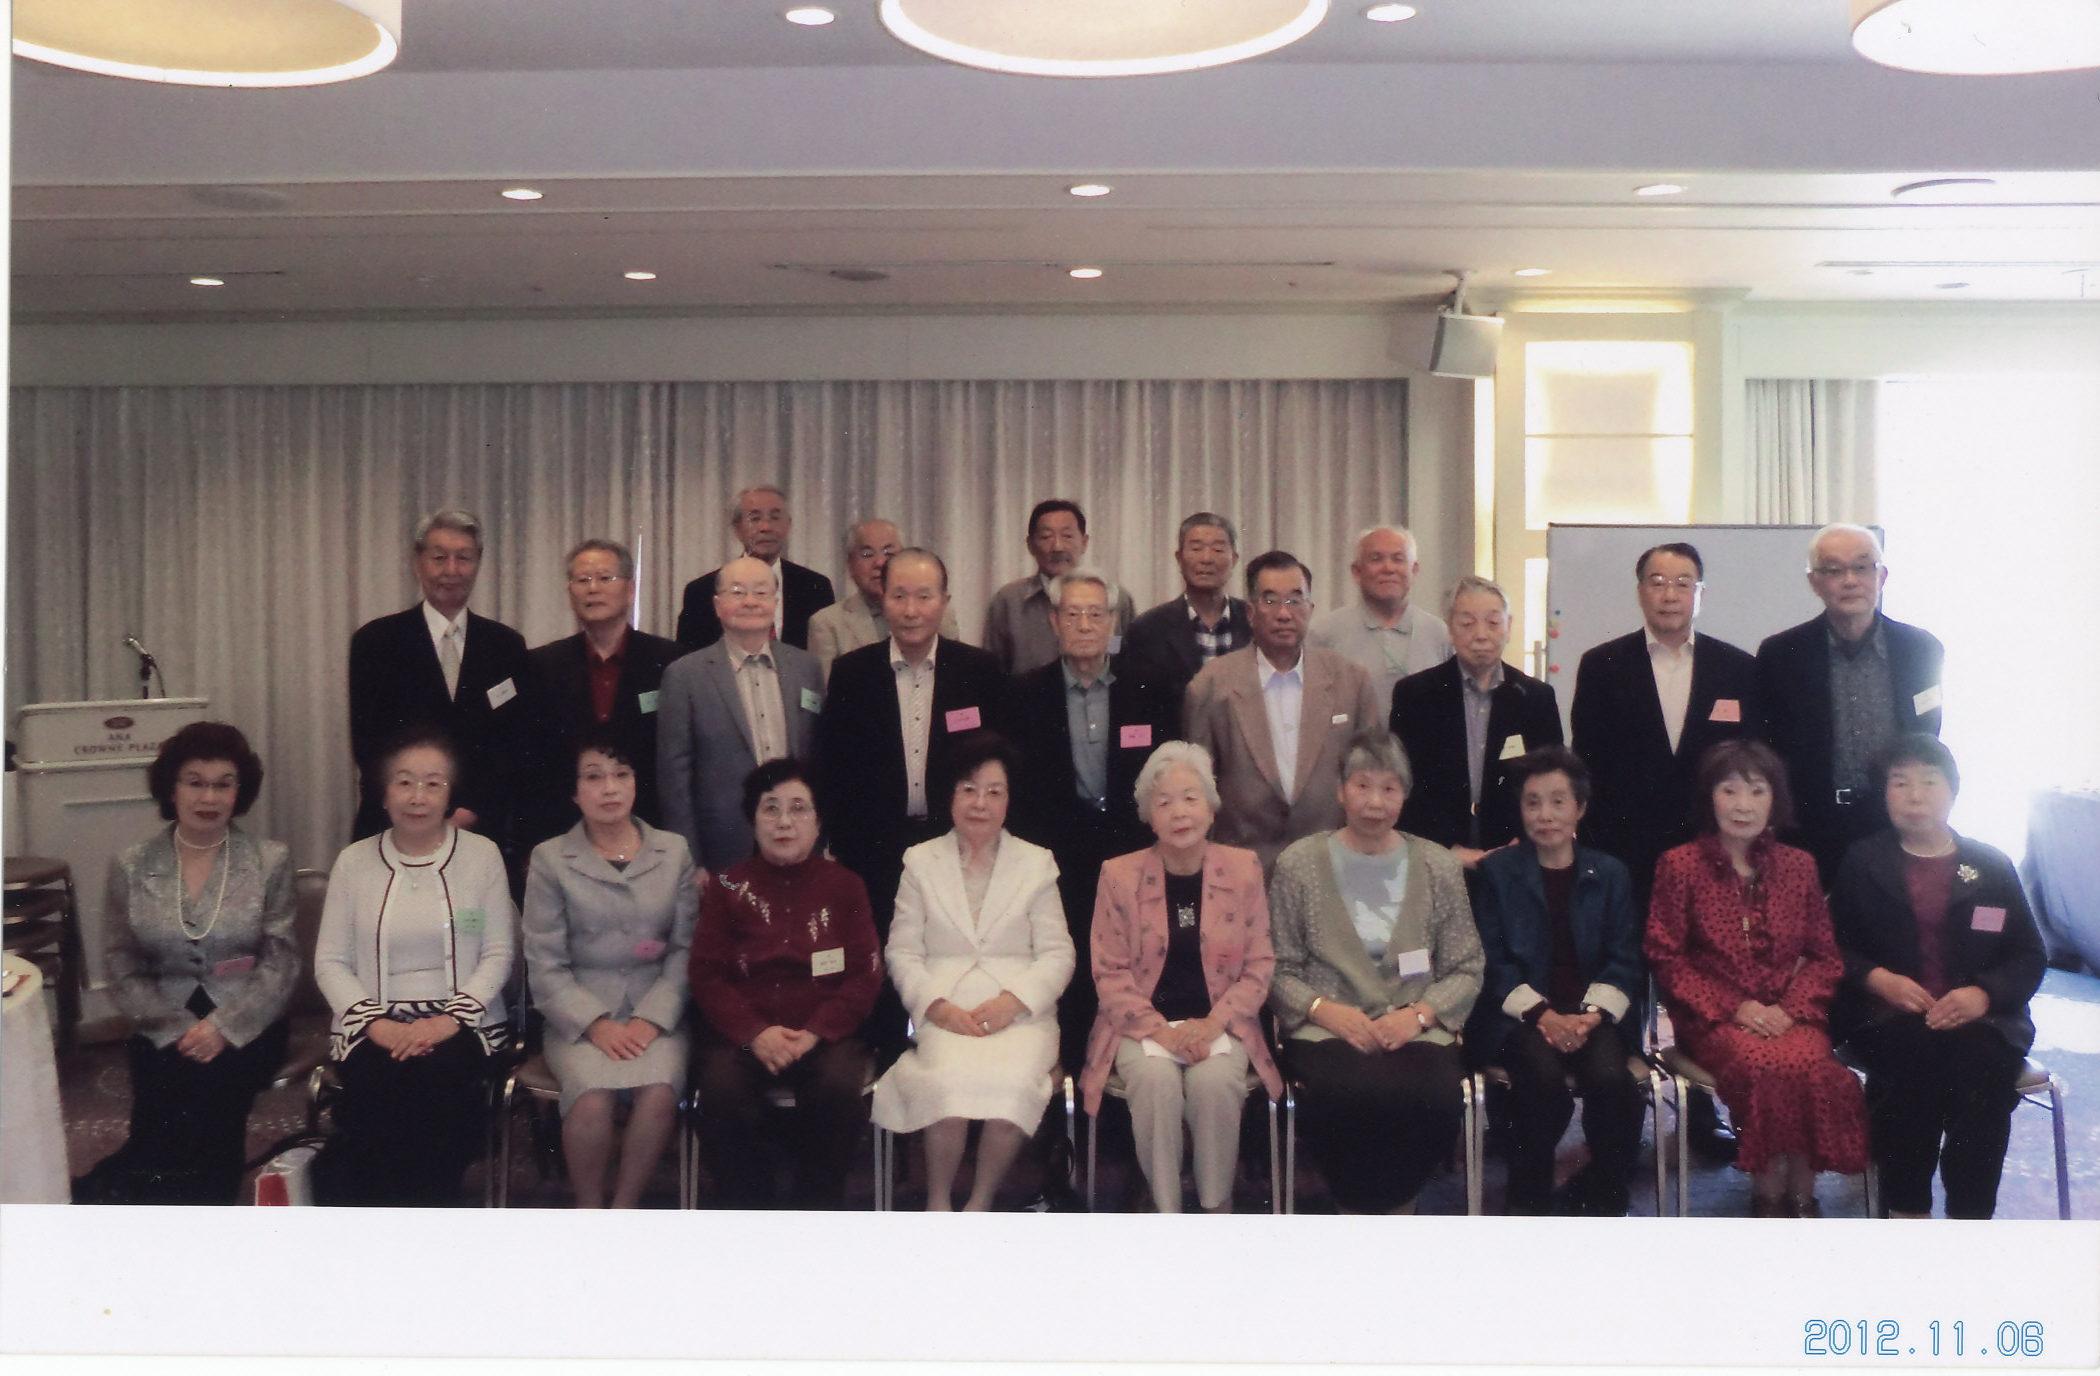 2012年同窓会